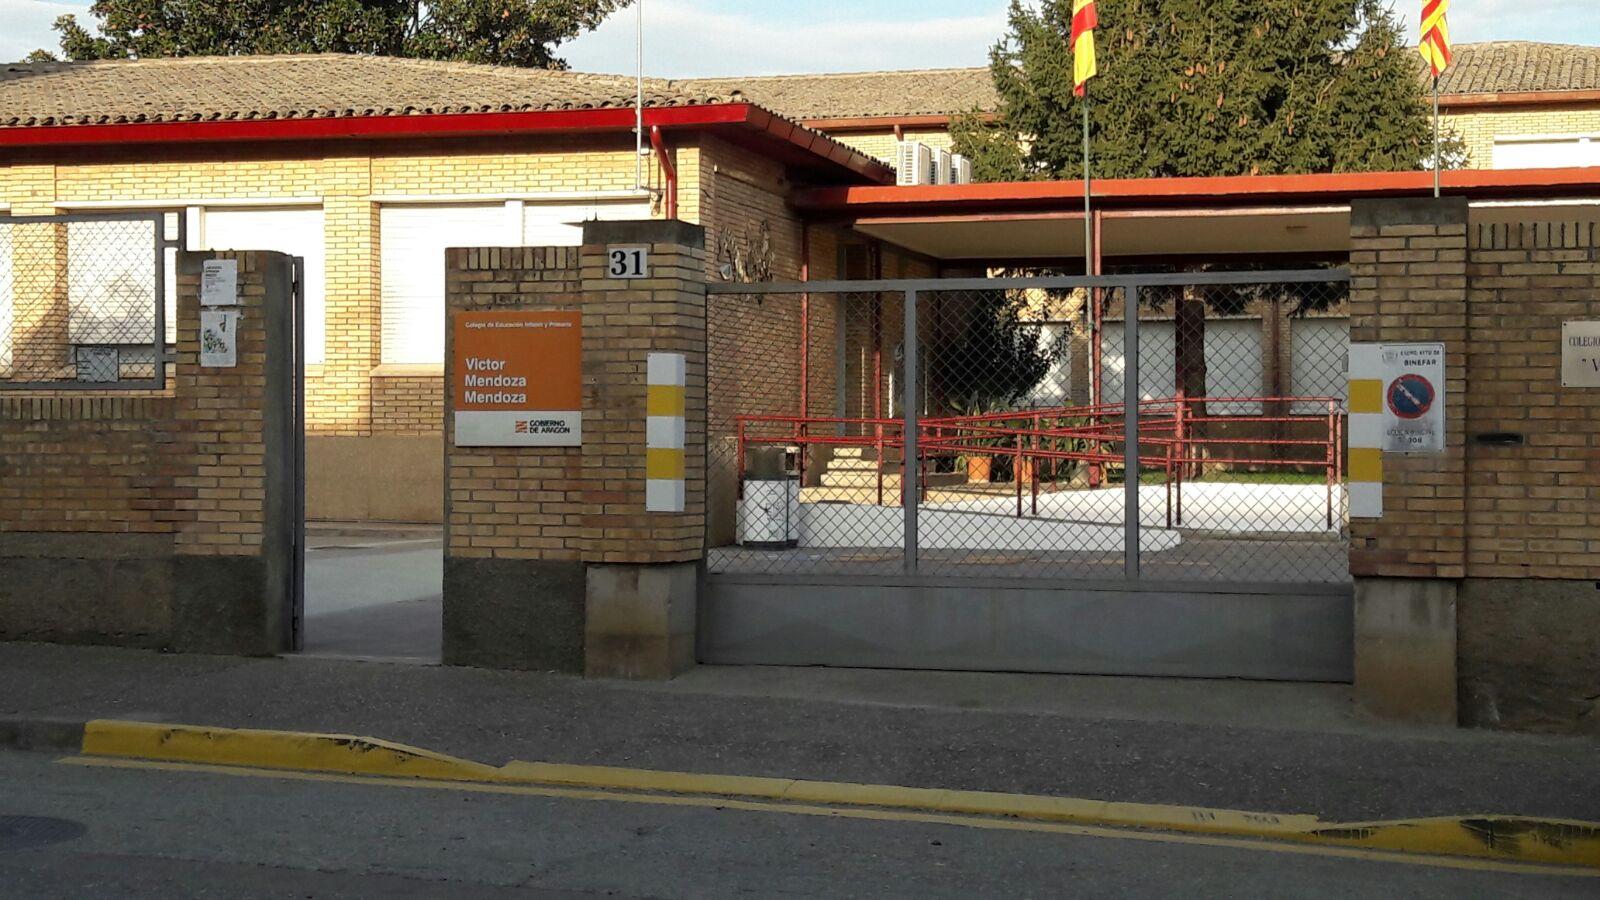 Binéfar cierra sin incidencias el episodio de legionella detectado en una instalación del CEIP Víctor Mendoza